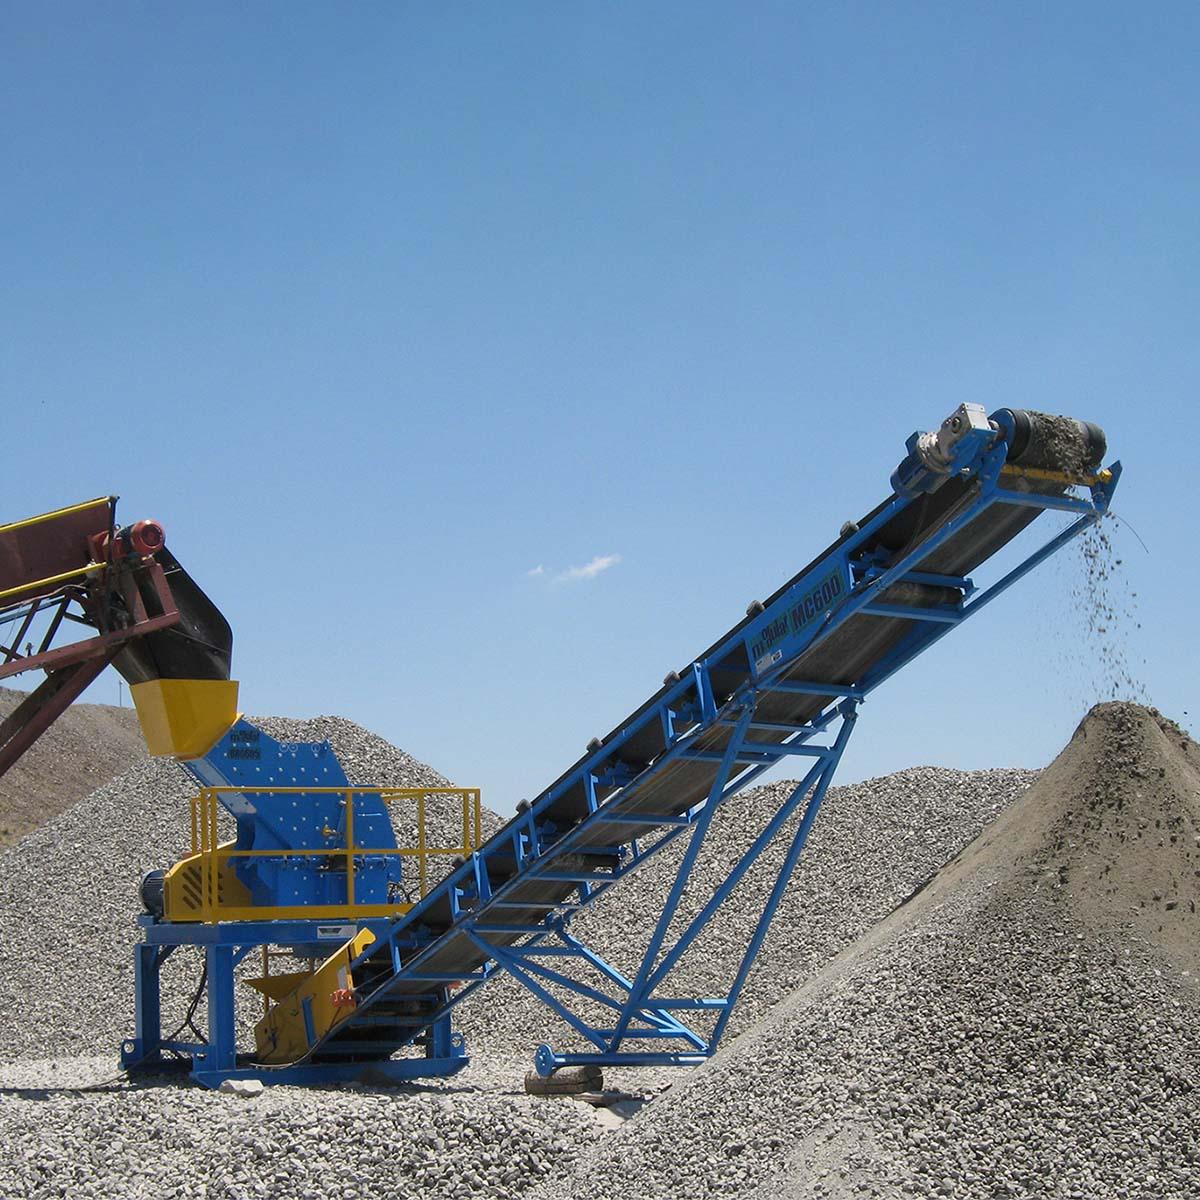 Pilot-Modular-Impact-Crusher-BR0605-Modular-Conveyor-MC600-4_Pilot-Modular-Impact-Crusher-BR0605-Modular-Conveyor-MC600-1